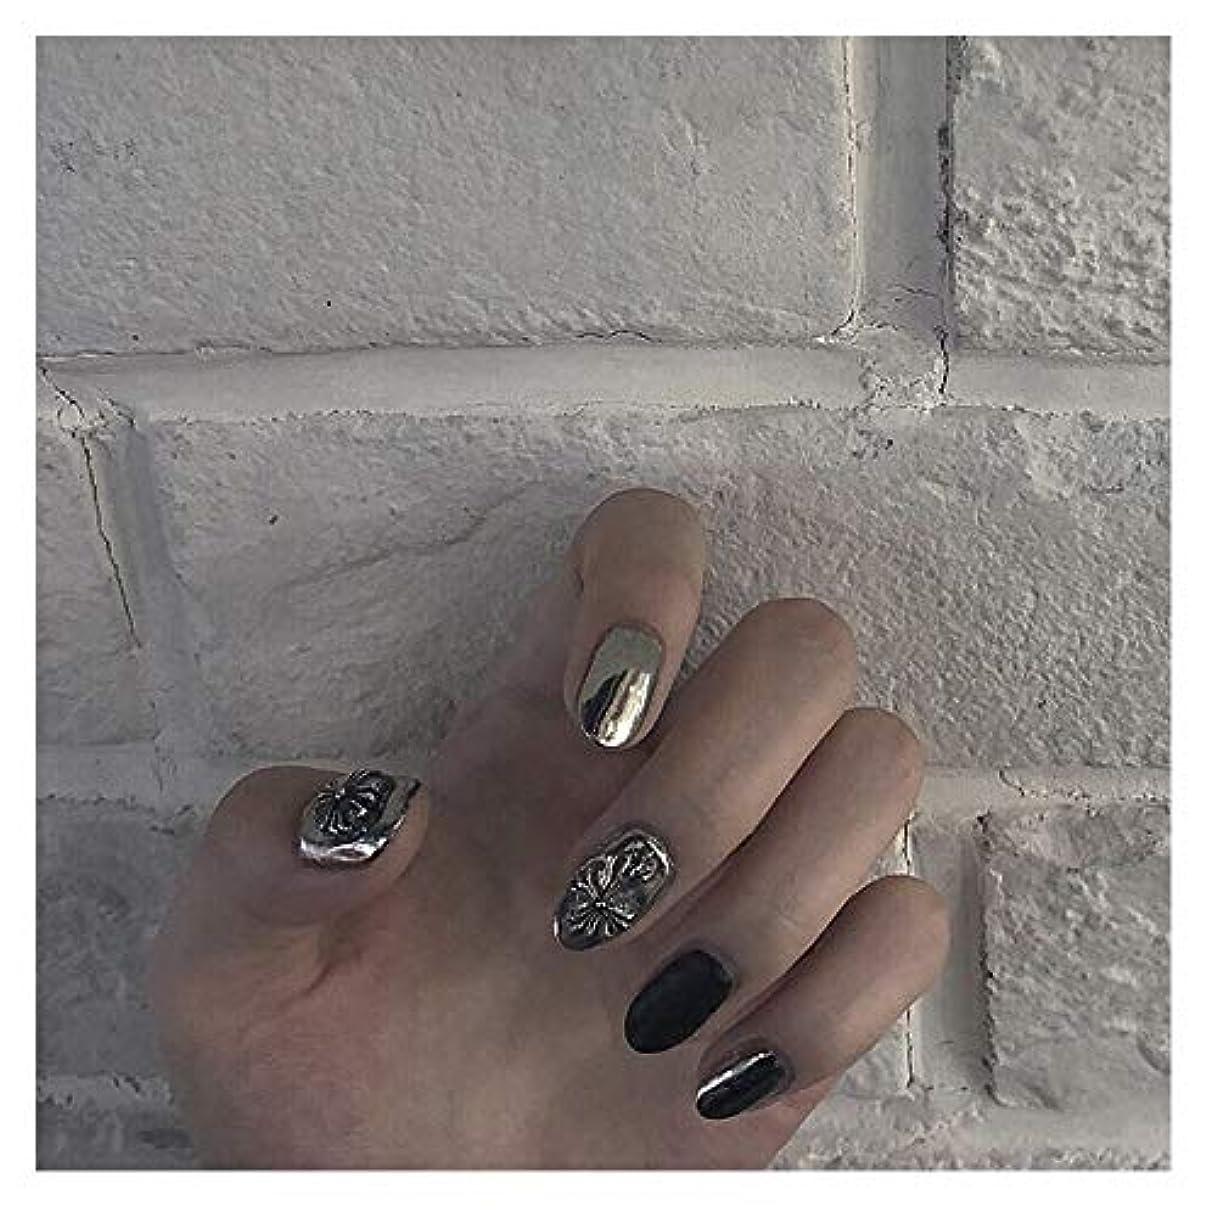 入植者鎖放棄されたTAALESET シルバークロスゴススタイルグルーフェイクネイルズファッション単一製品アクセサリーラウンドネイルズ光沢のあるシルバー+ブラック (色 : 24 pieces)